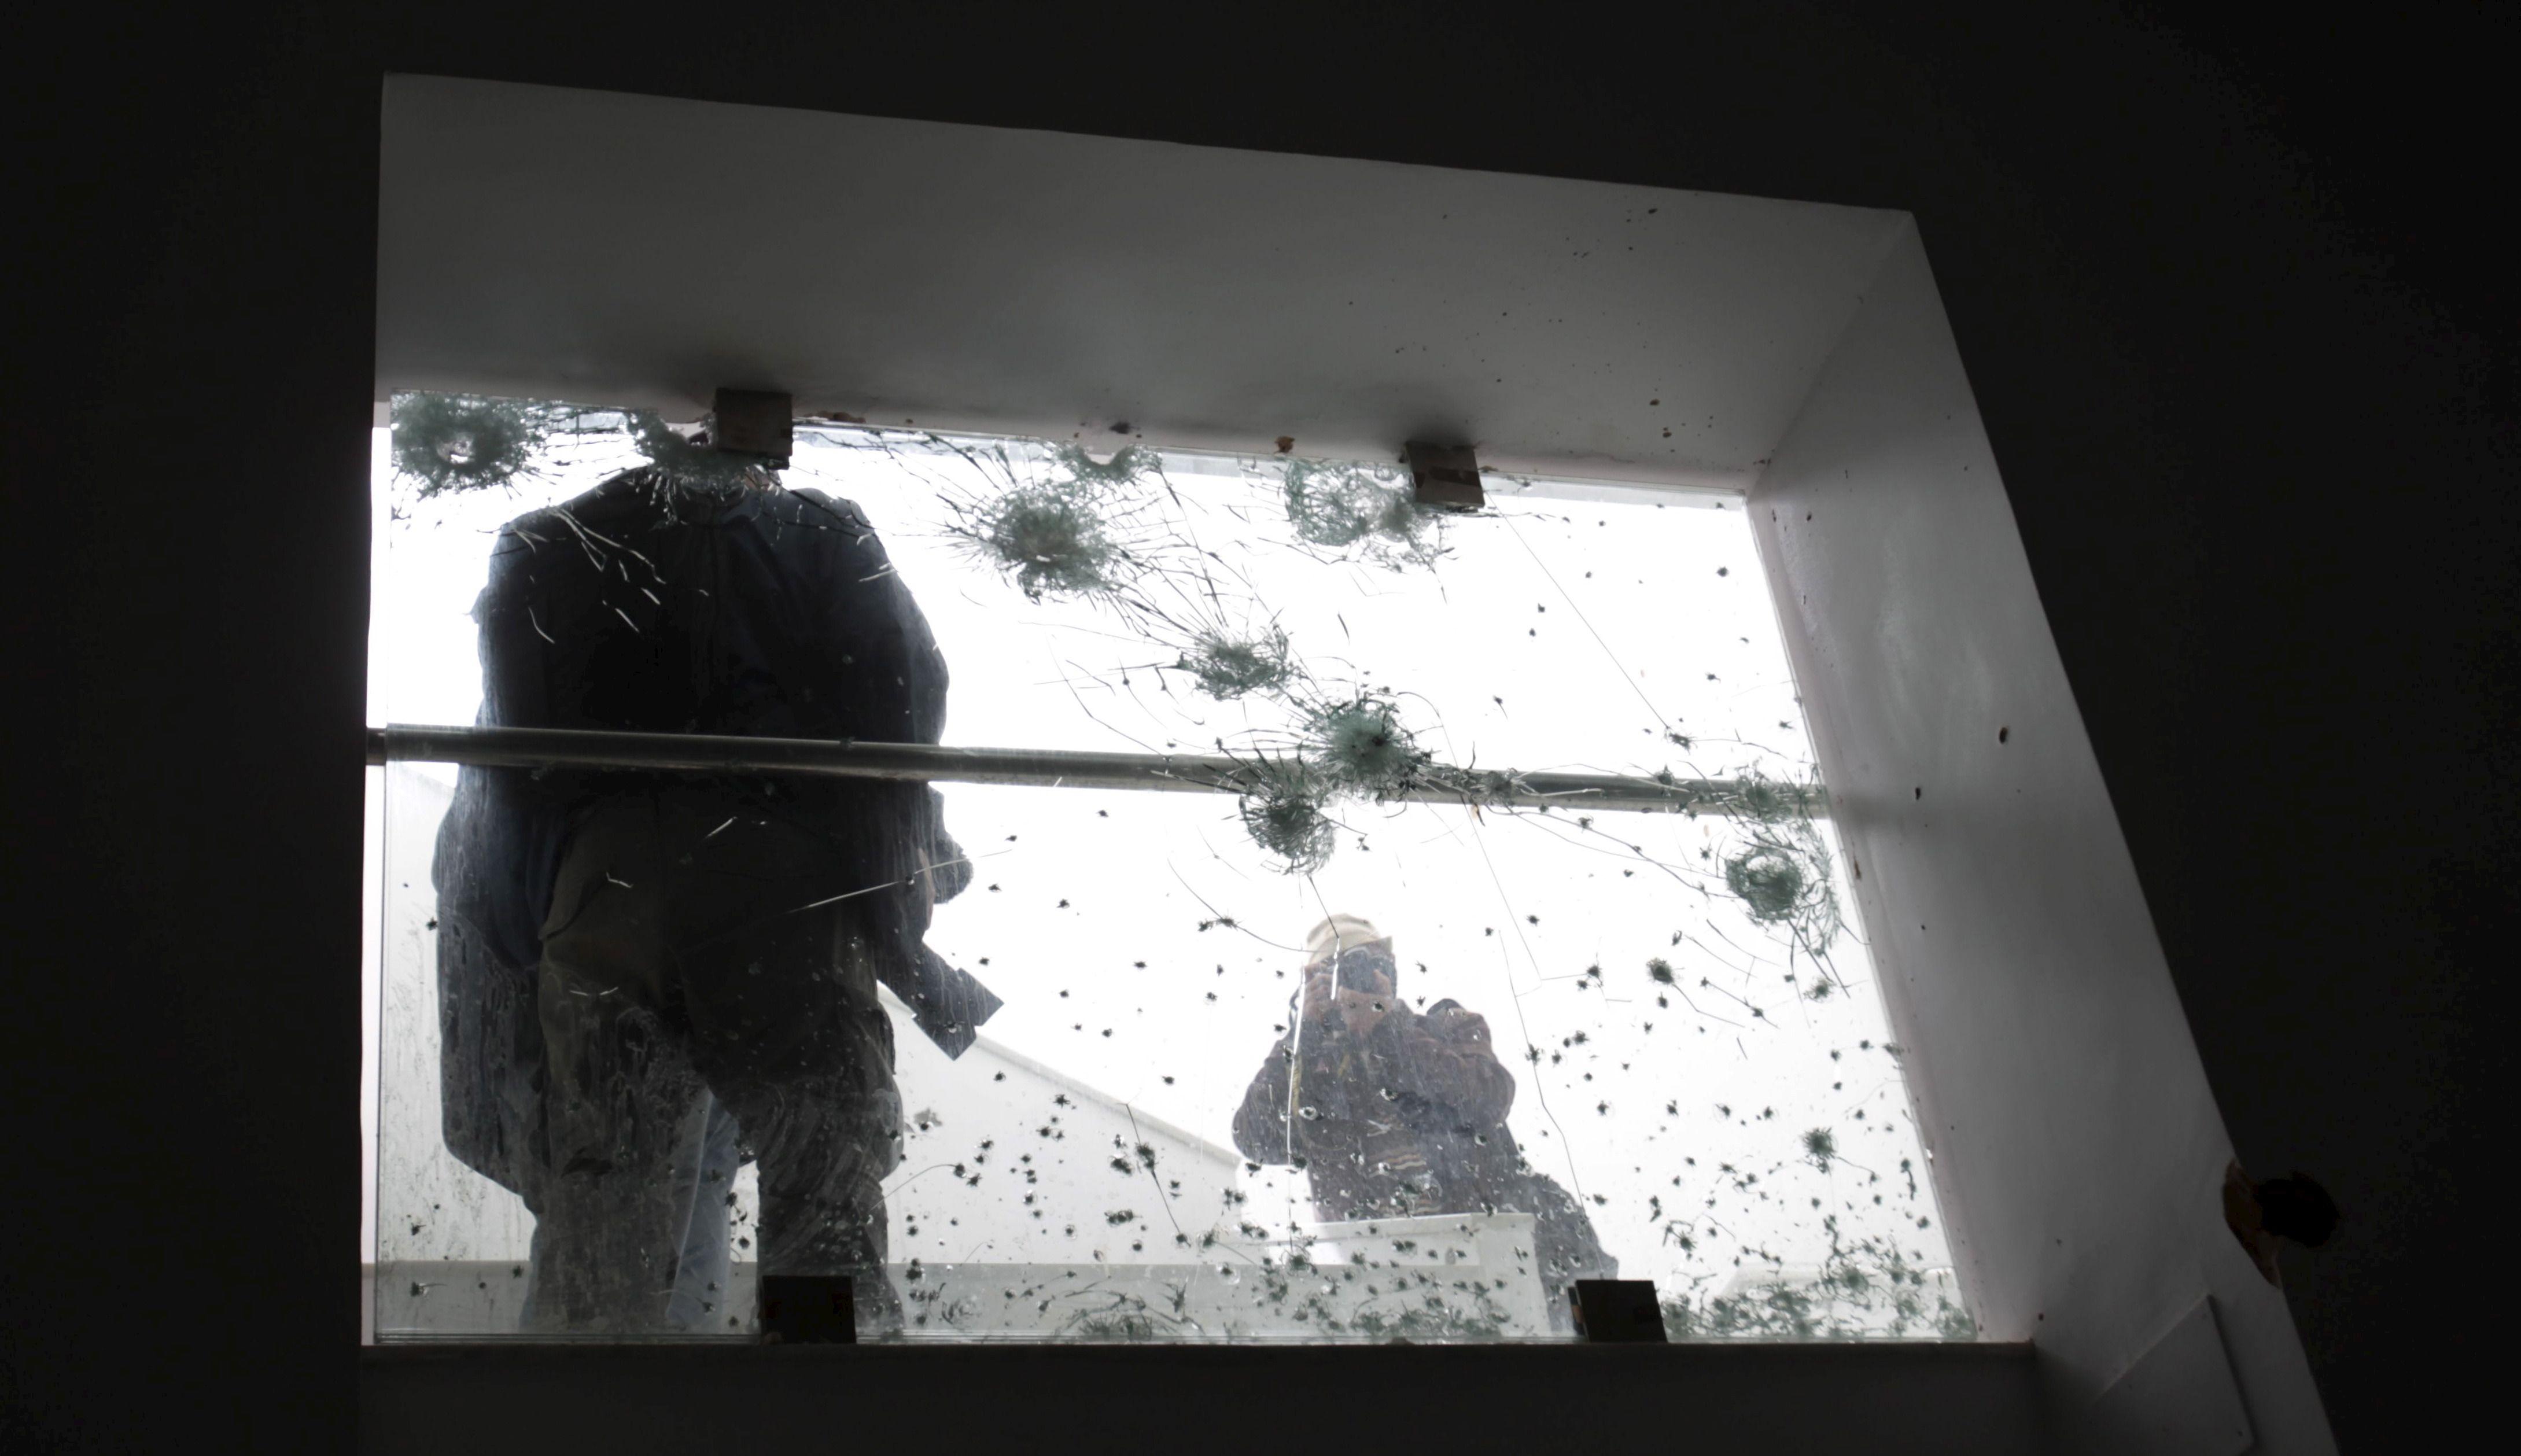 L'attentat du musée du Bardo à Tunis, causa, le 18 mars 2015, la mort de 21 personnes dont quatre Français.